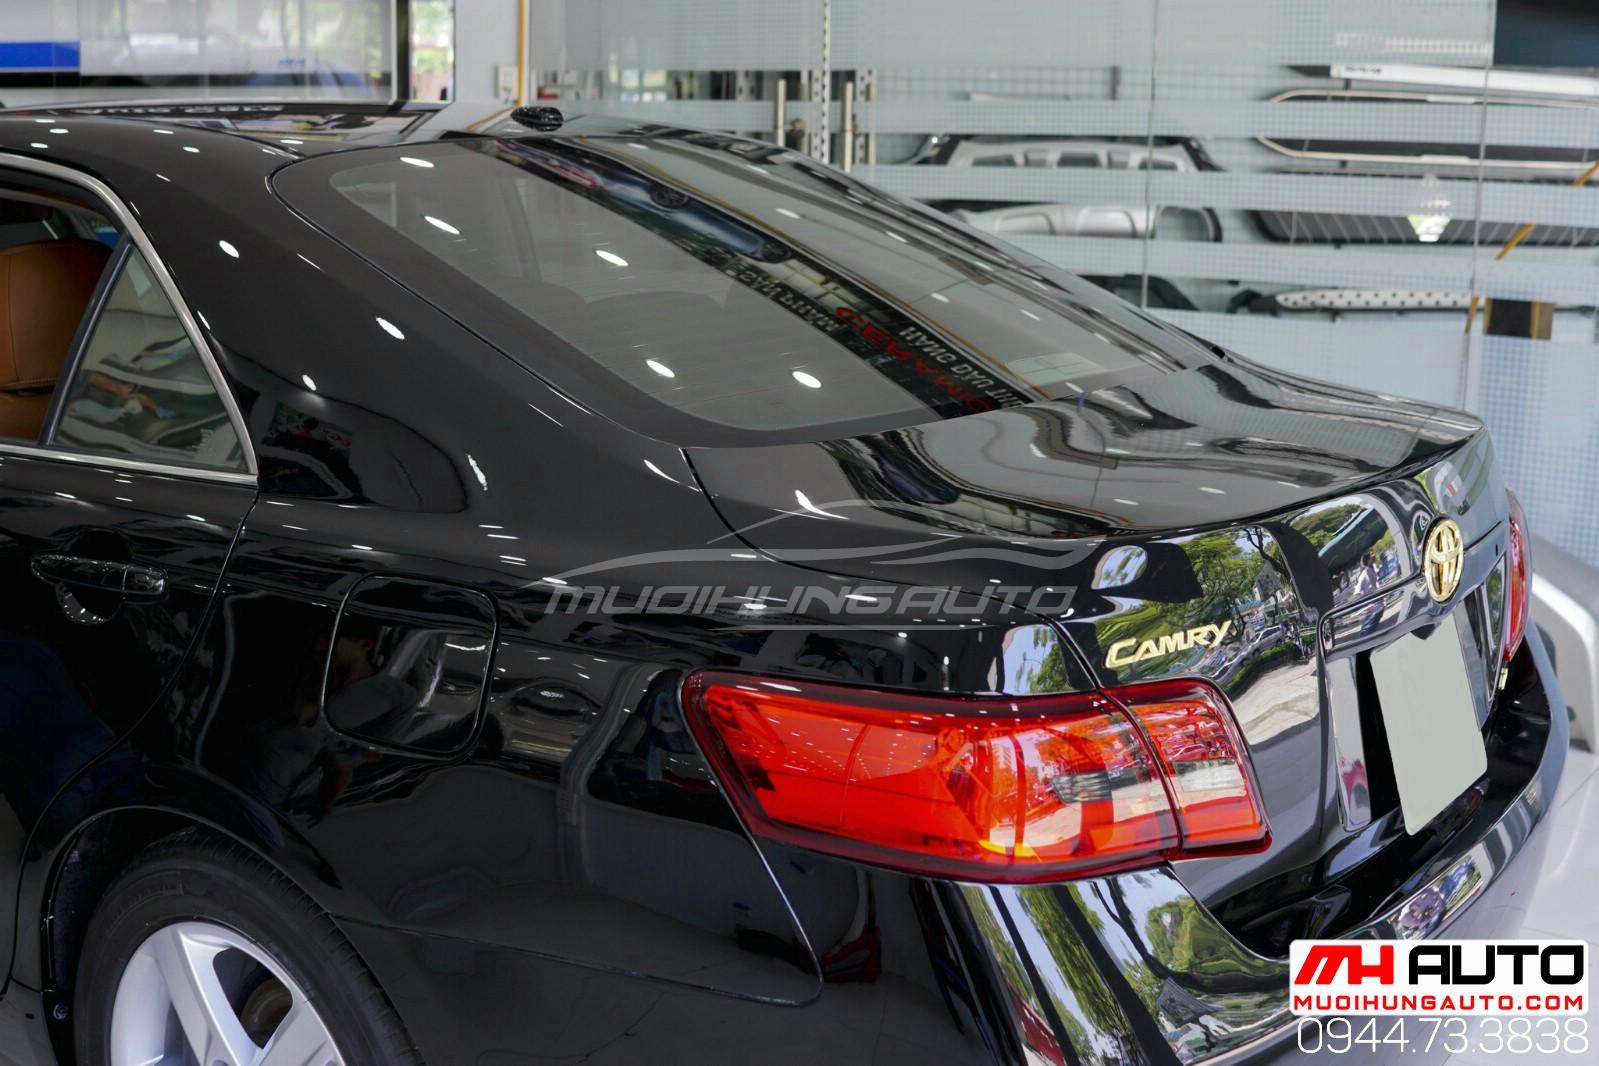 Lột xác Camry 2010 độ full Lexus xe đen